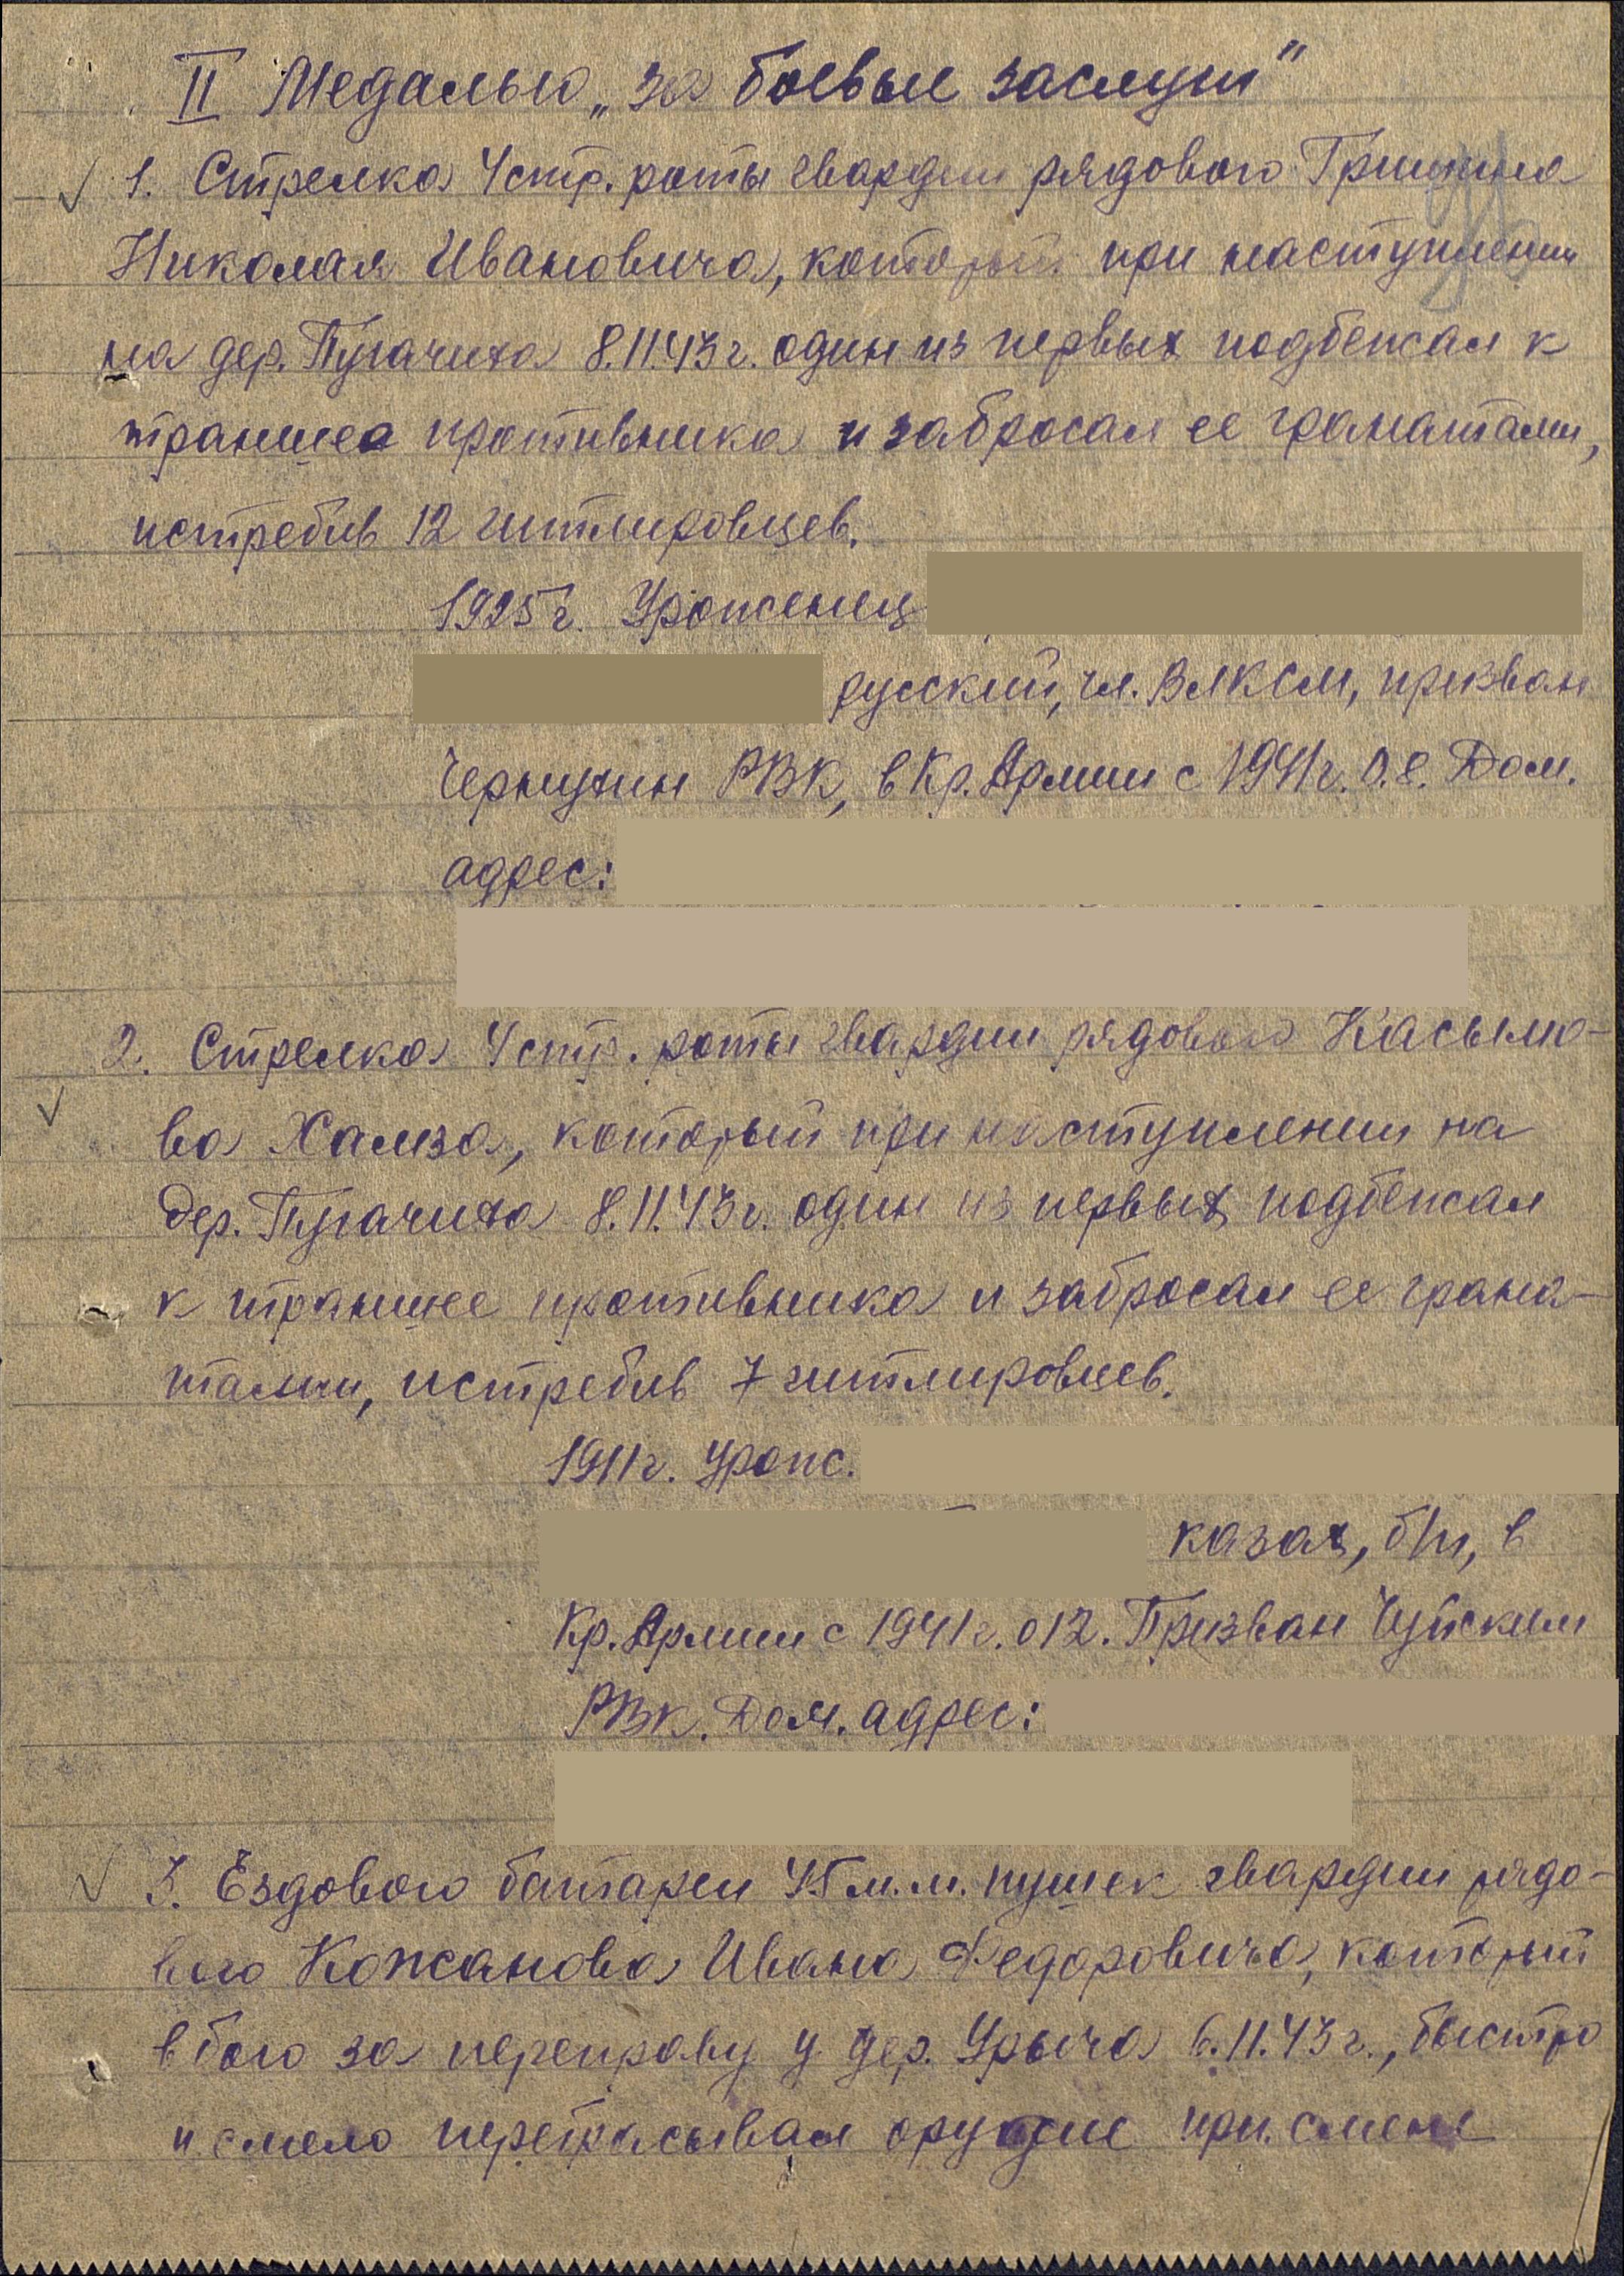 Наградной лист Гришина Николая Ивановича к медали за боевые заслуги